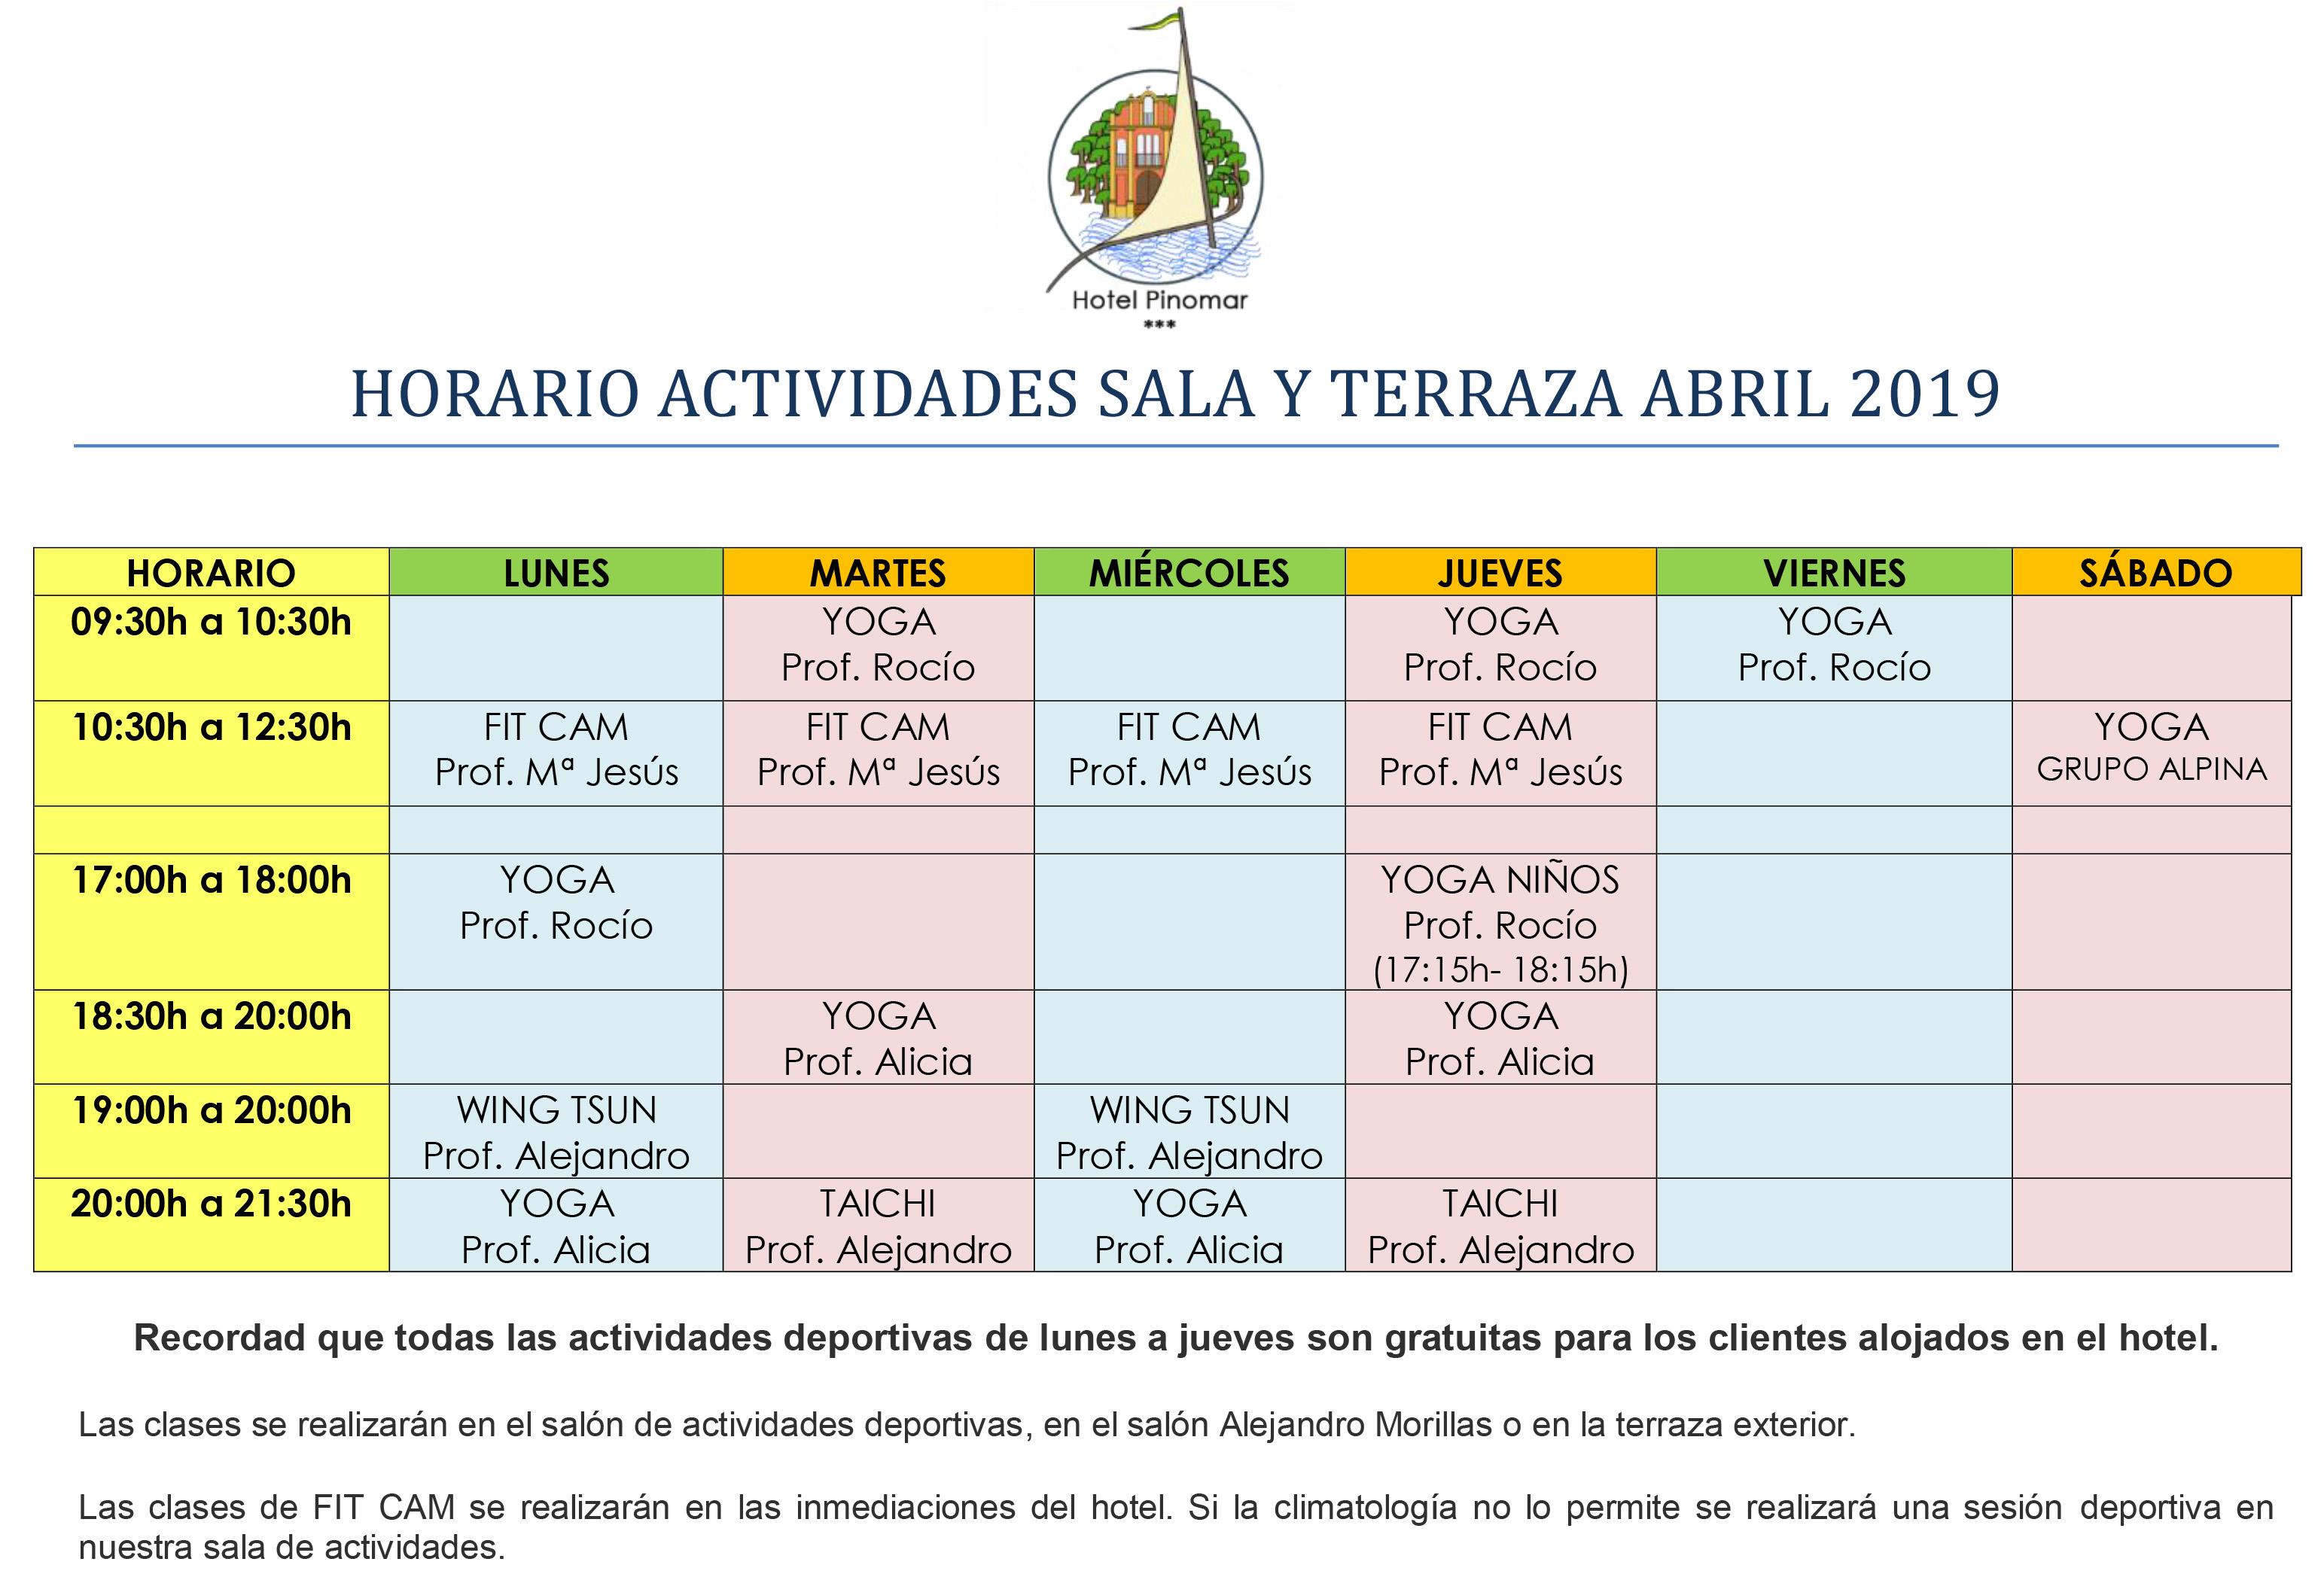 HORARIO ACTIVIDADES DIRIGIDAS ABRIL 2019